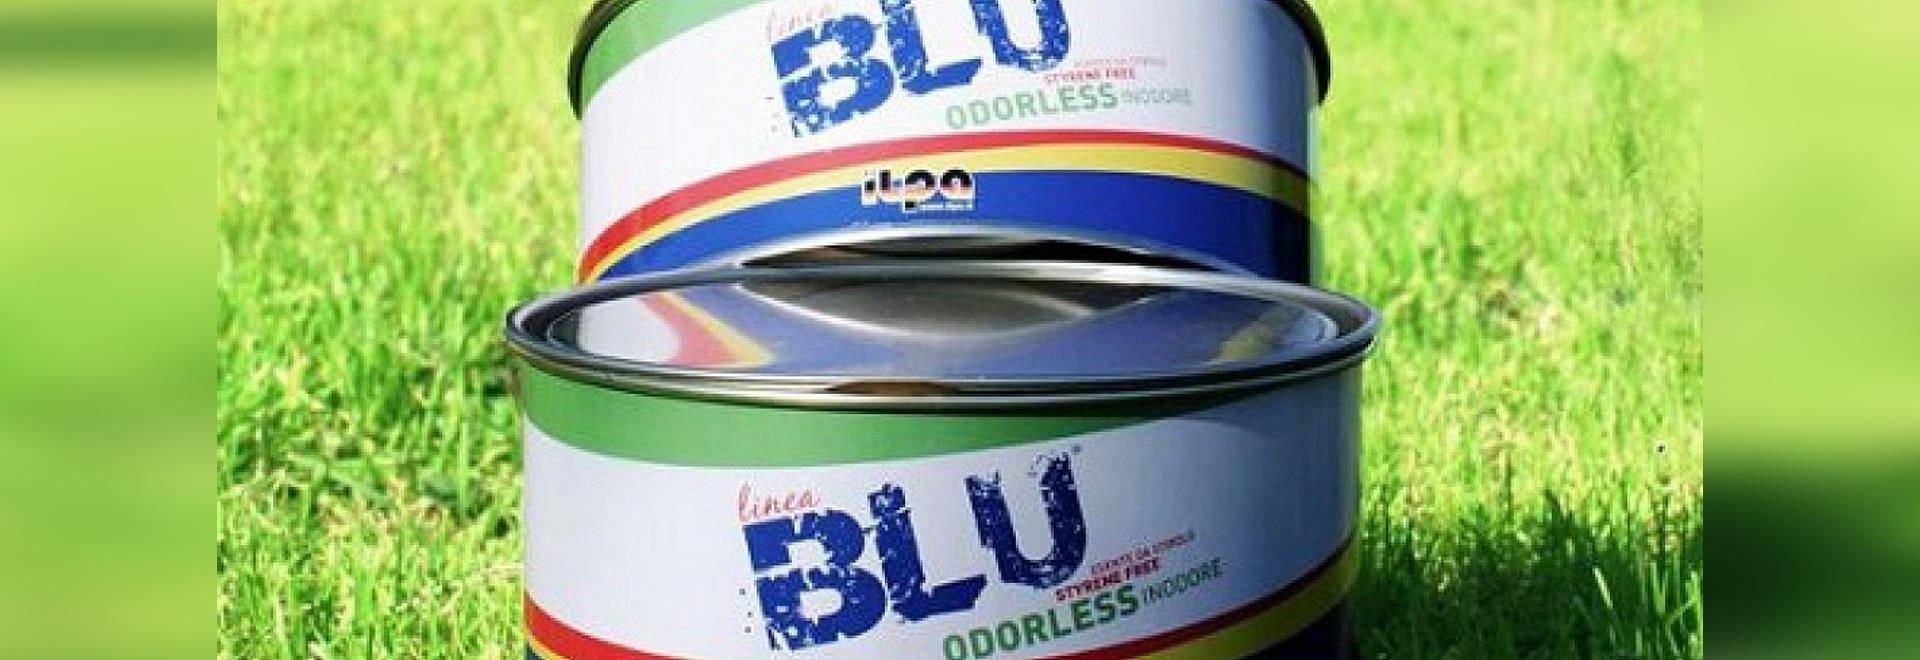 BLEU est un mastic qui respecte l'environnement et sans styrène de bateau (courtoisie d'Ilpa Adesivi)